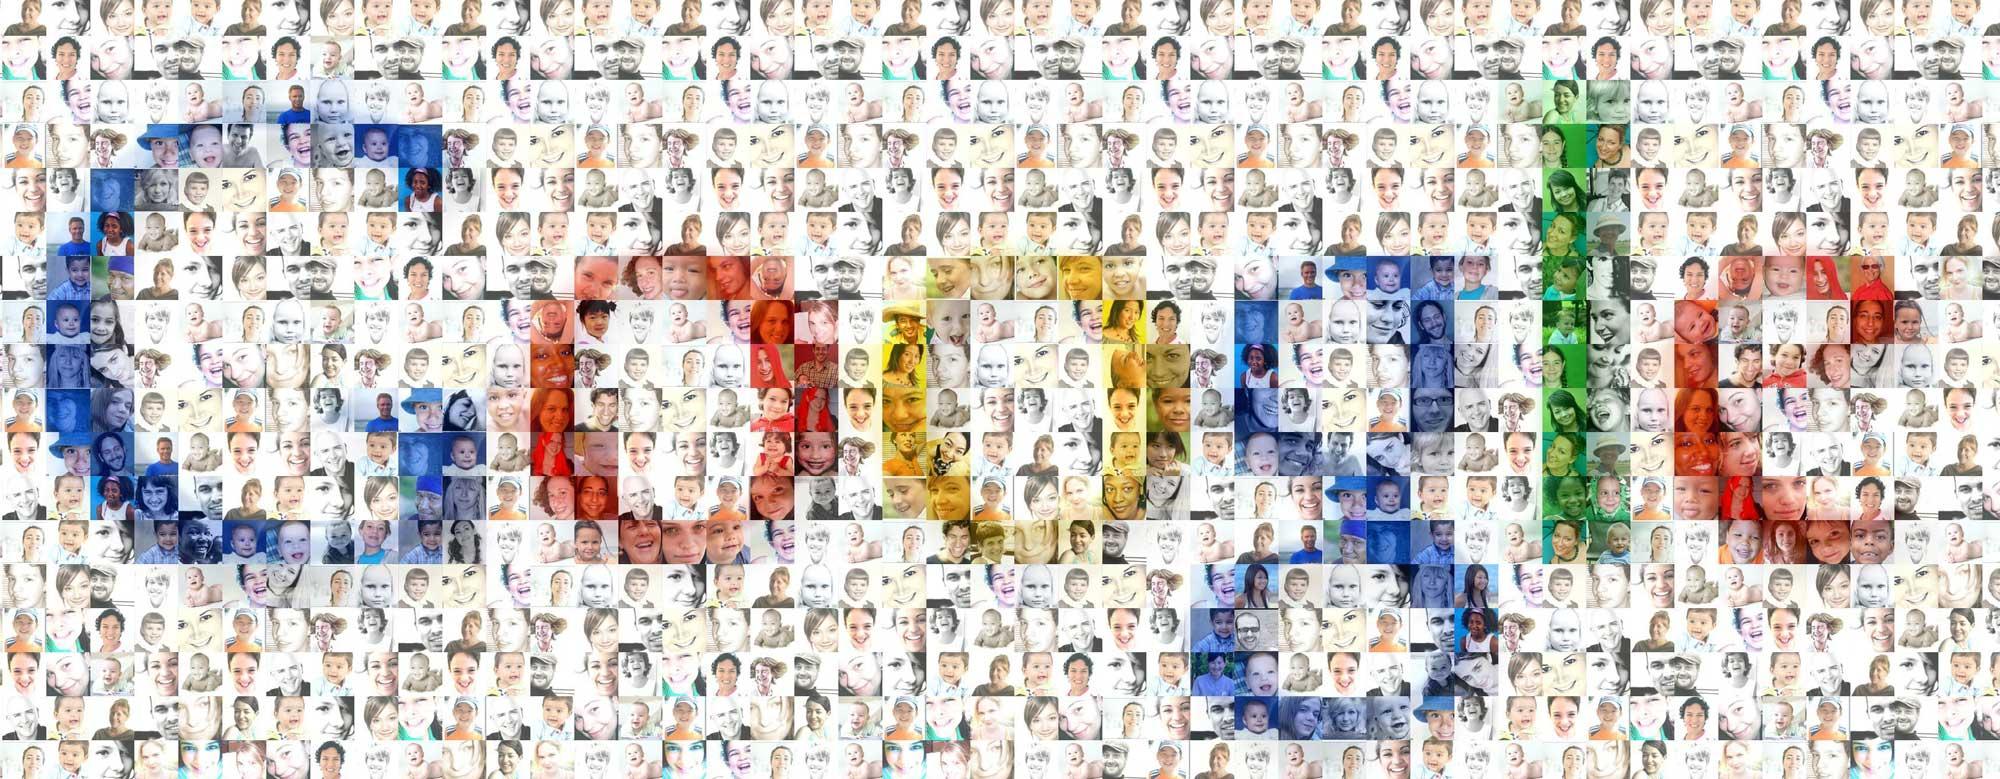 Como criar um mosaico de fotos online grátis (recomendamos!)